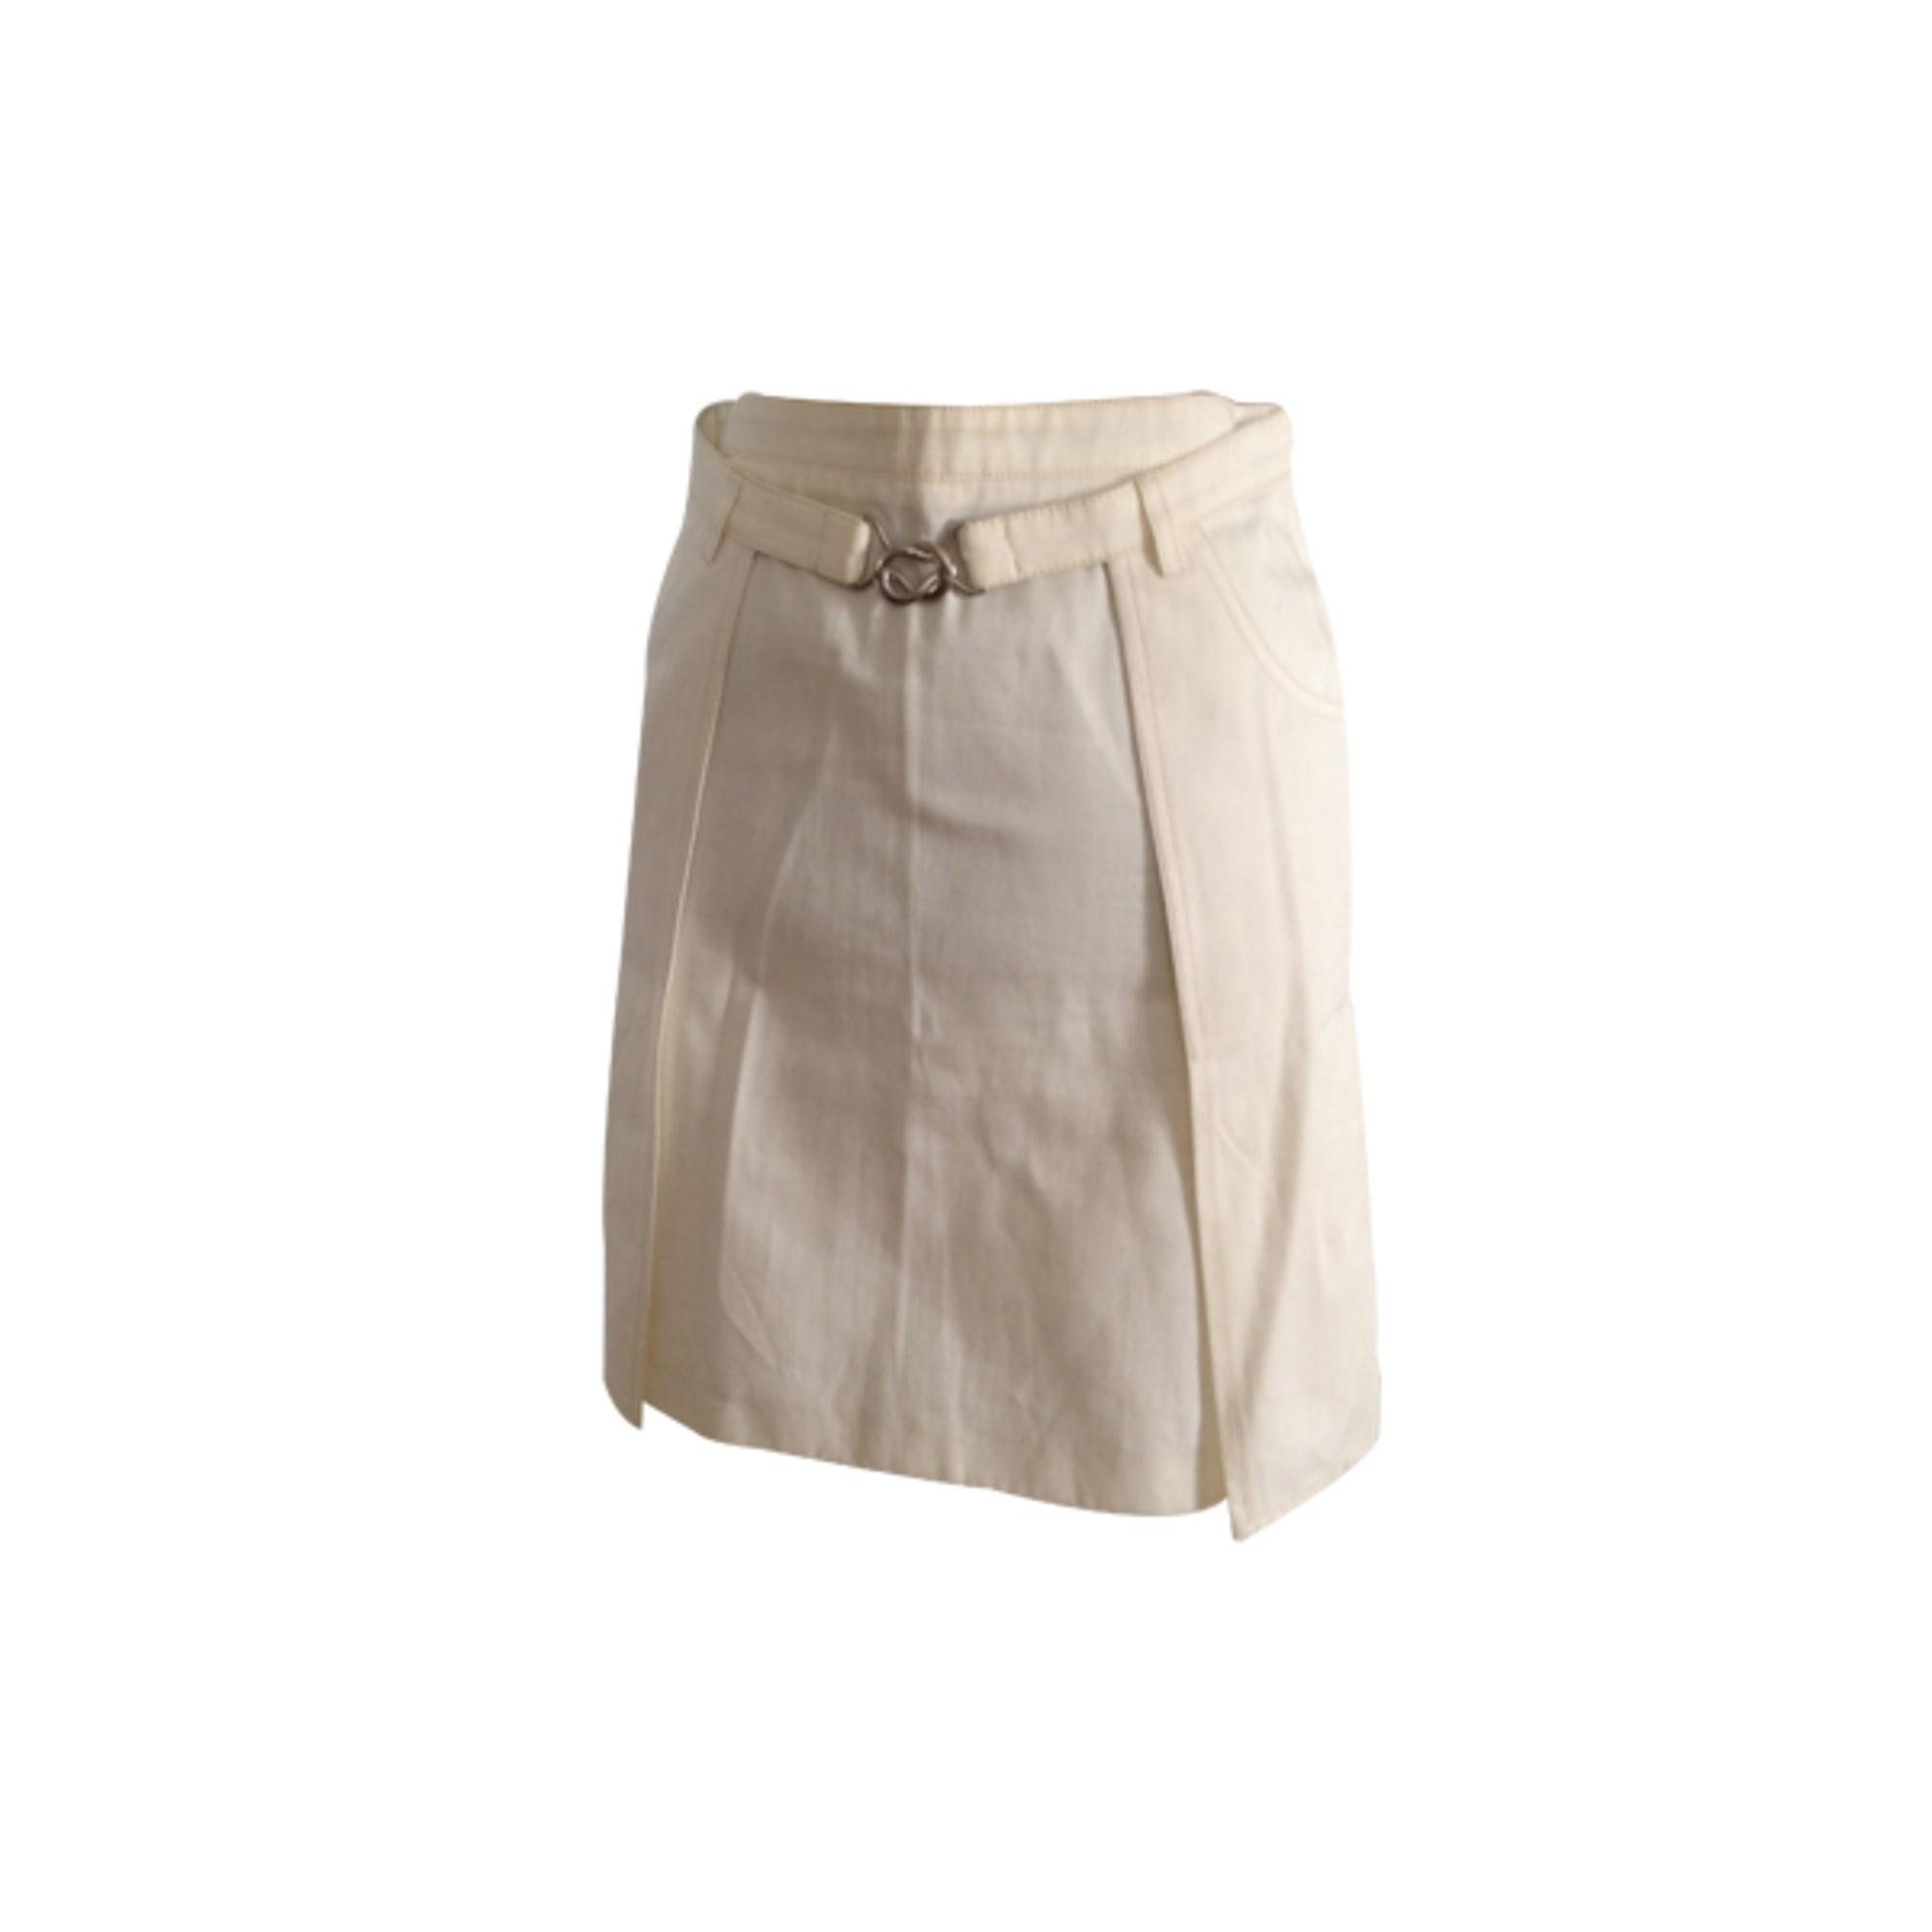 Jupe courte BARBARA BUI Blanc, blanc cassé, écru